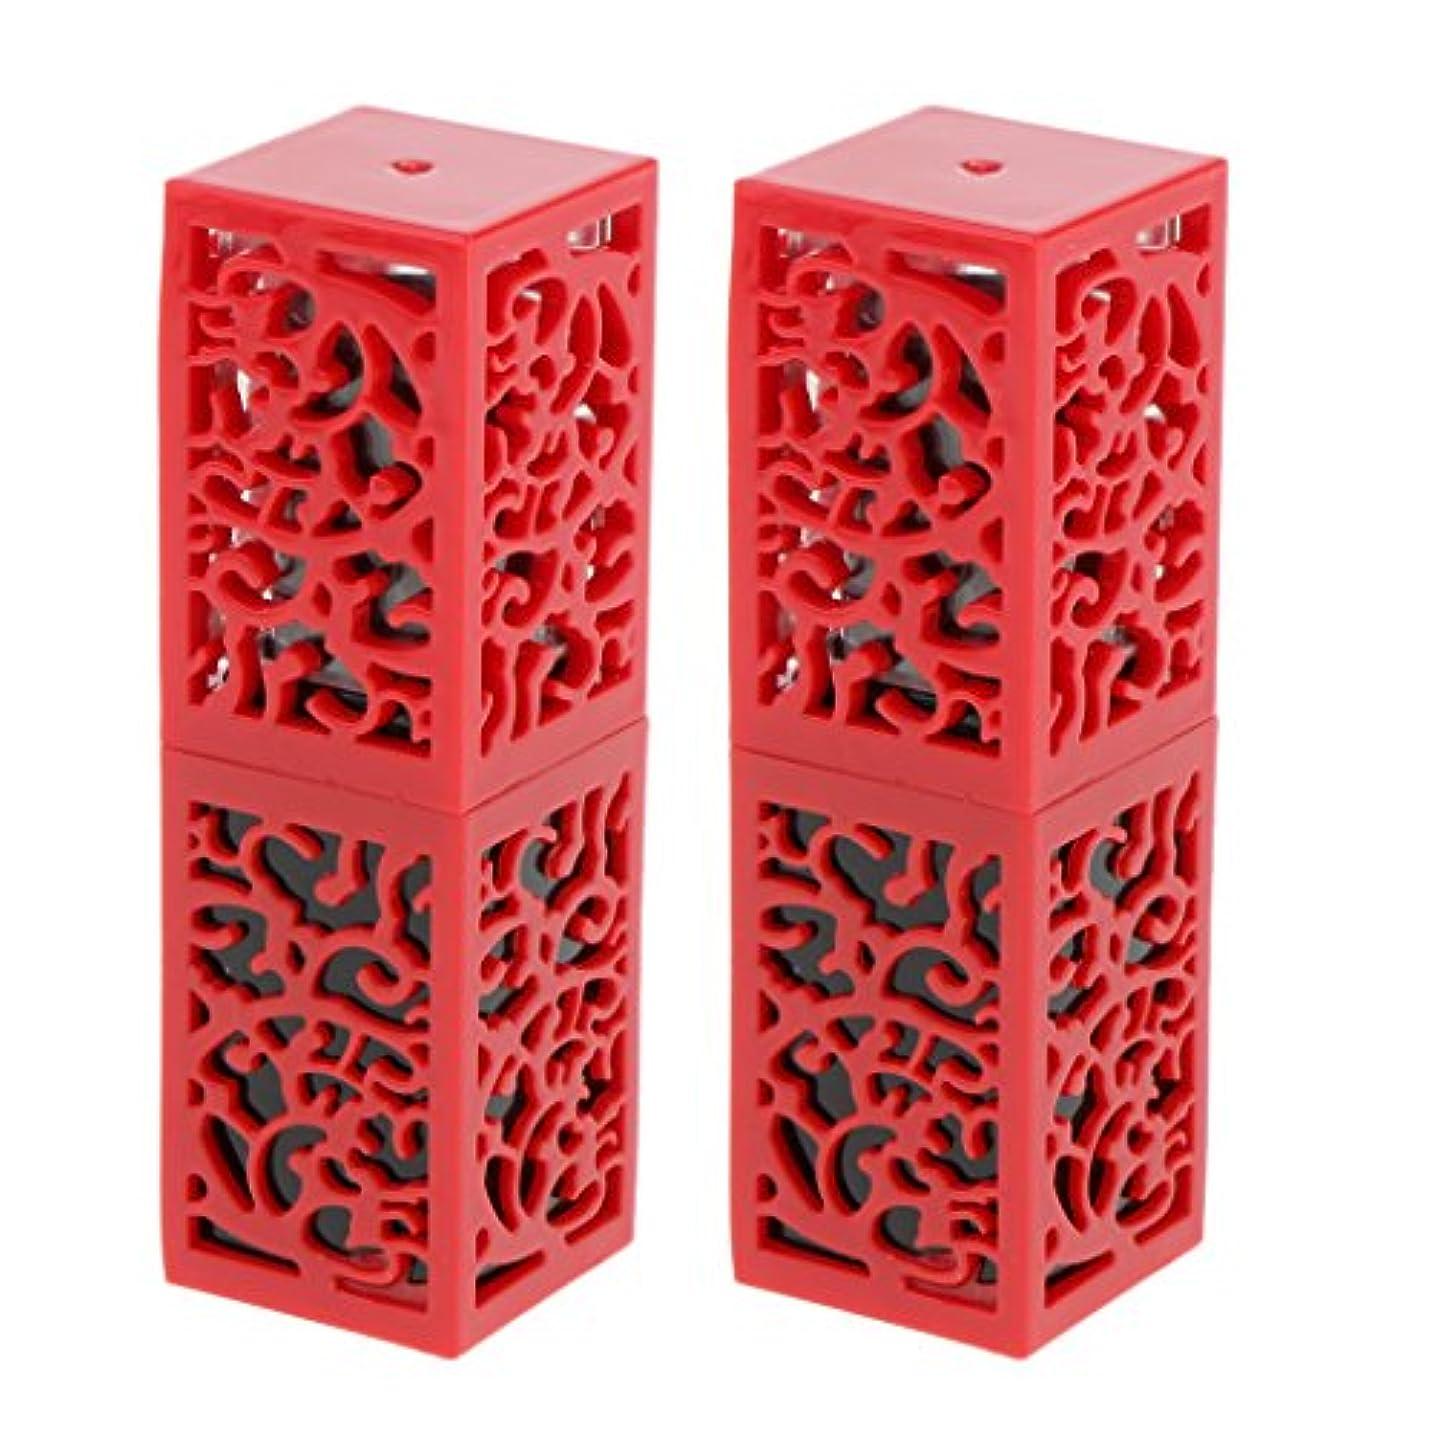 謝罪する勇者検索2個入 口紅チューブ リップスティックチューブ 内径1.21cm 金型 メイクアップ DIY 手作り 全2色 - 赤